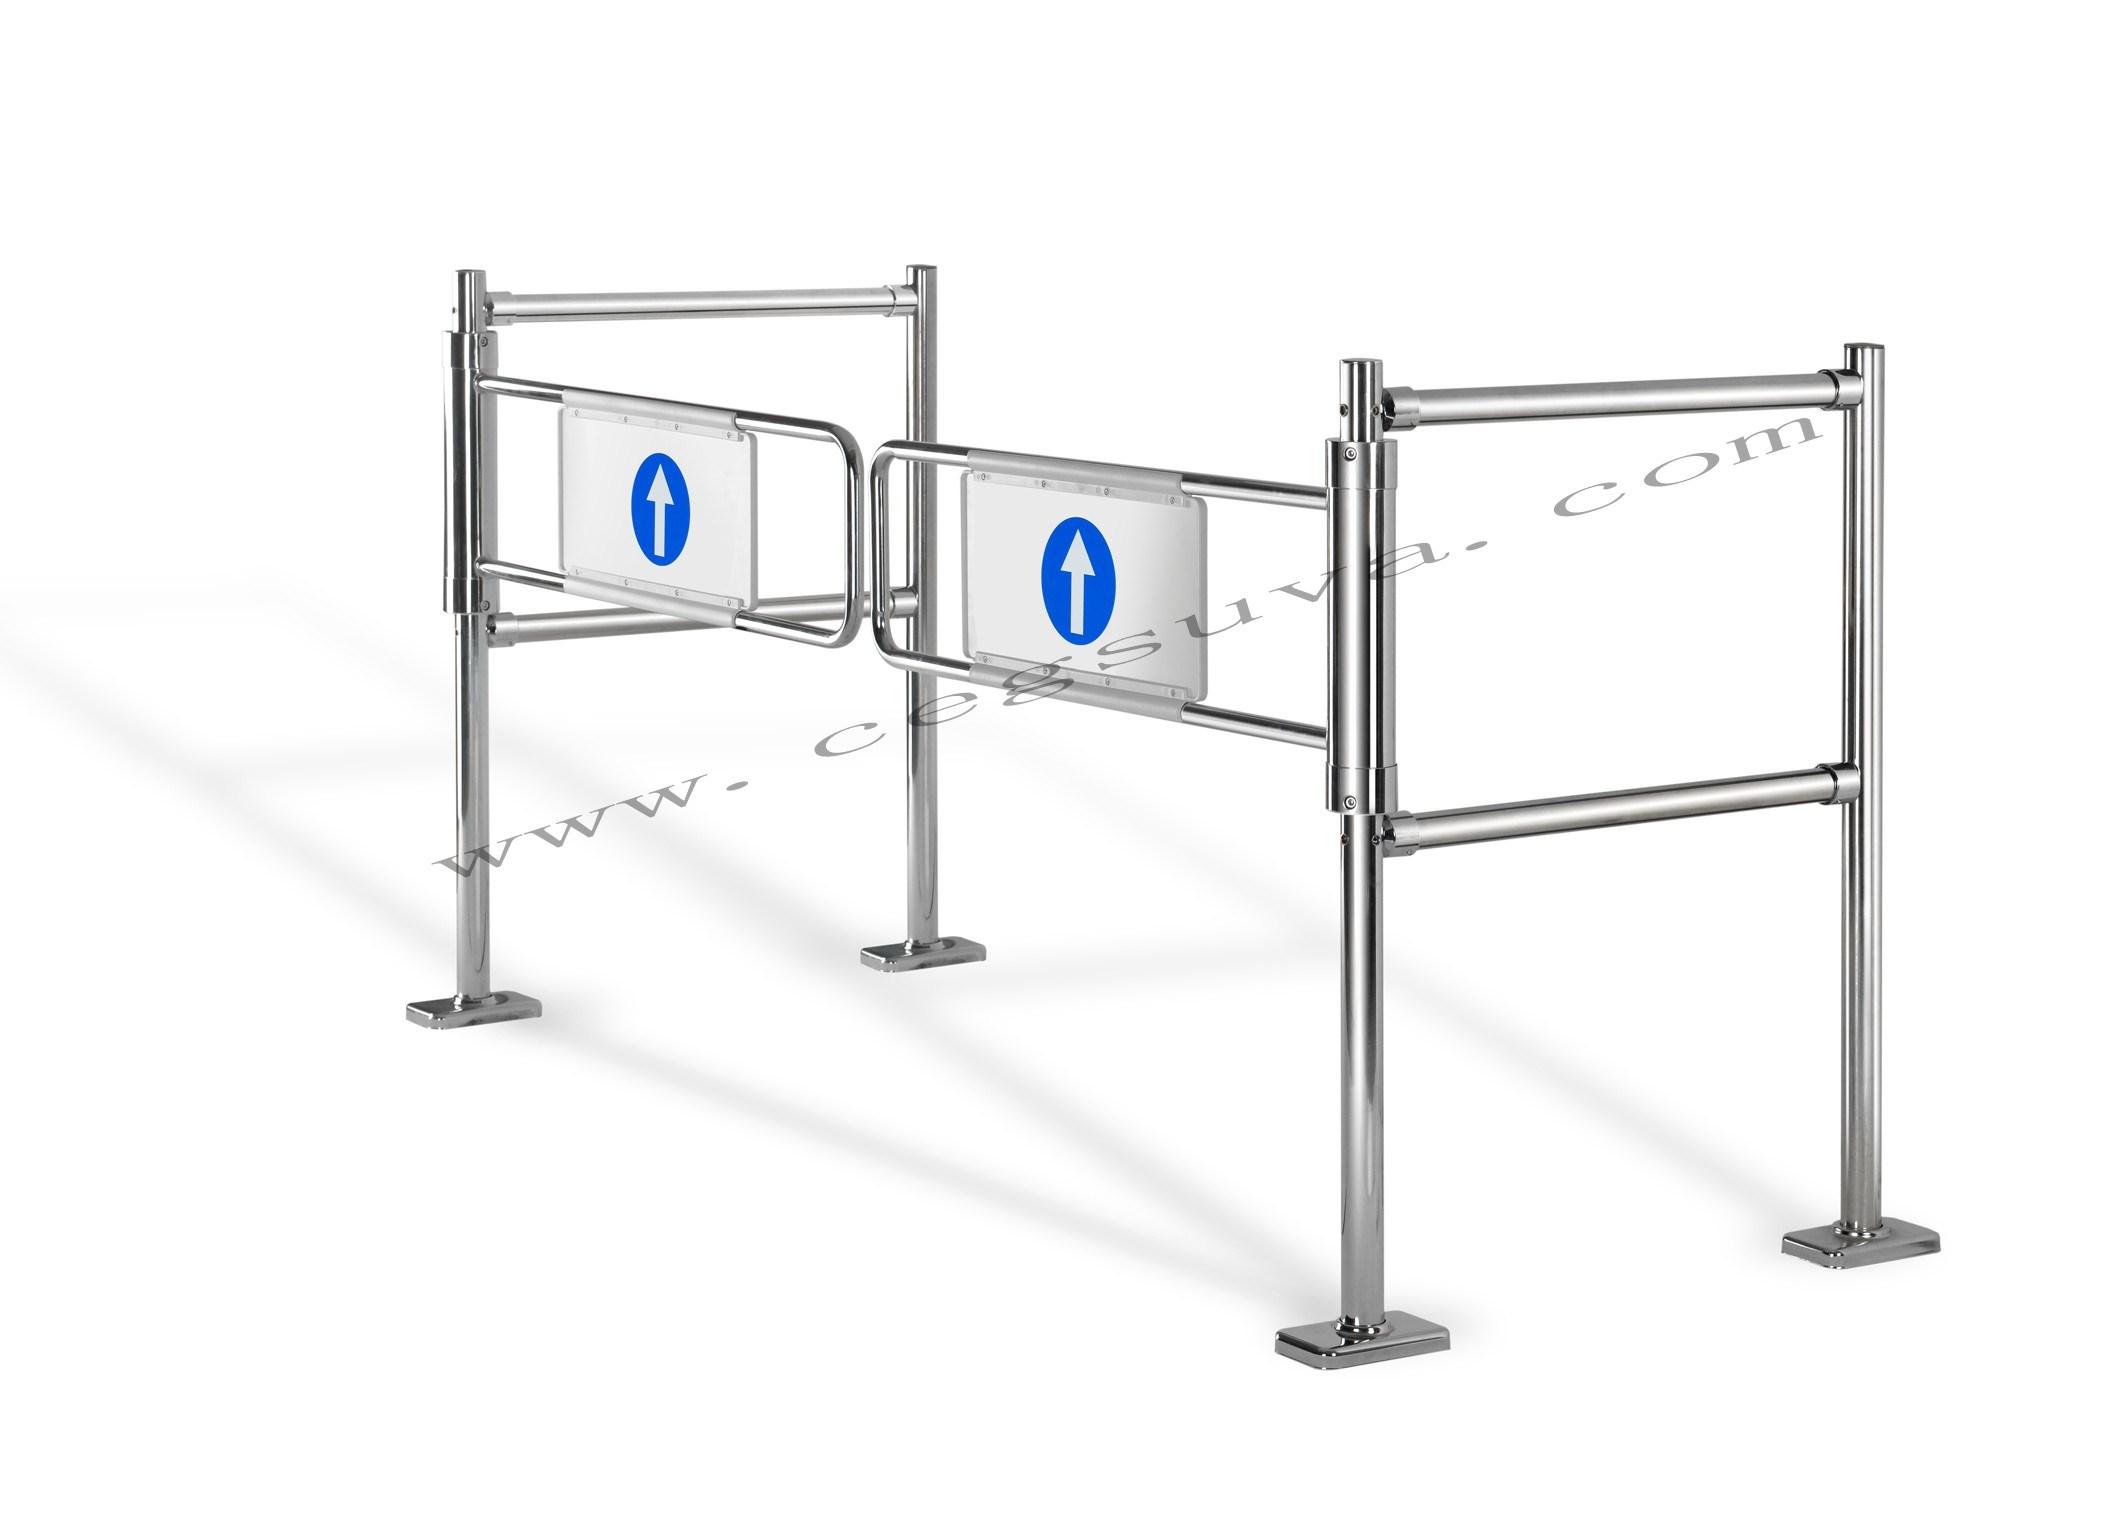 Double porte m canique supermarch gate portails - Porte d entree double battant ...